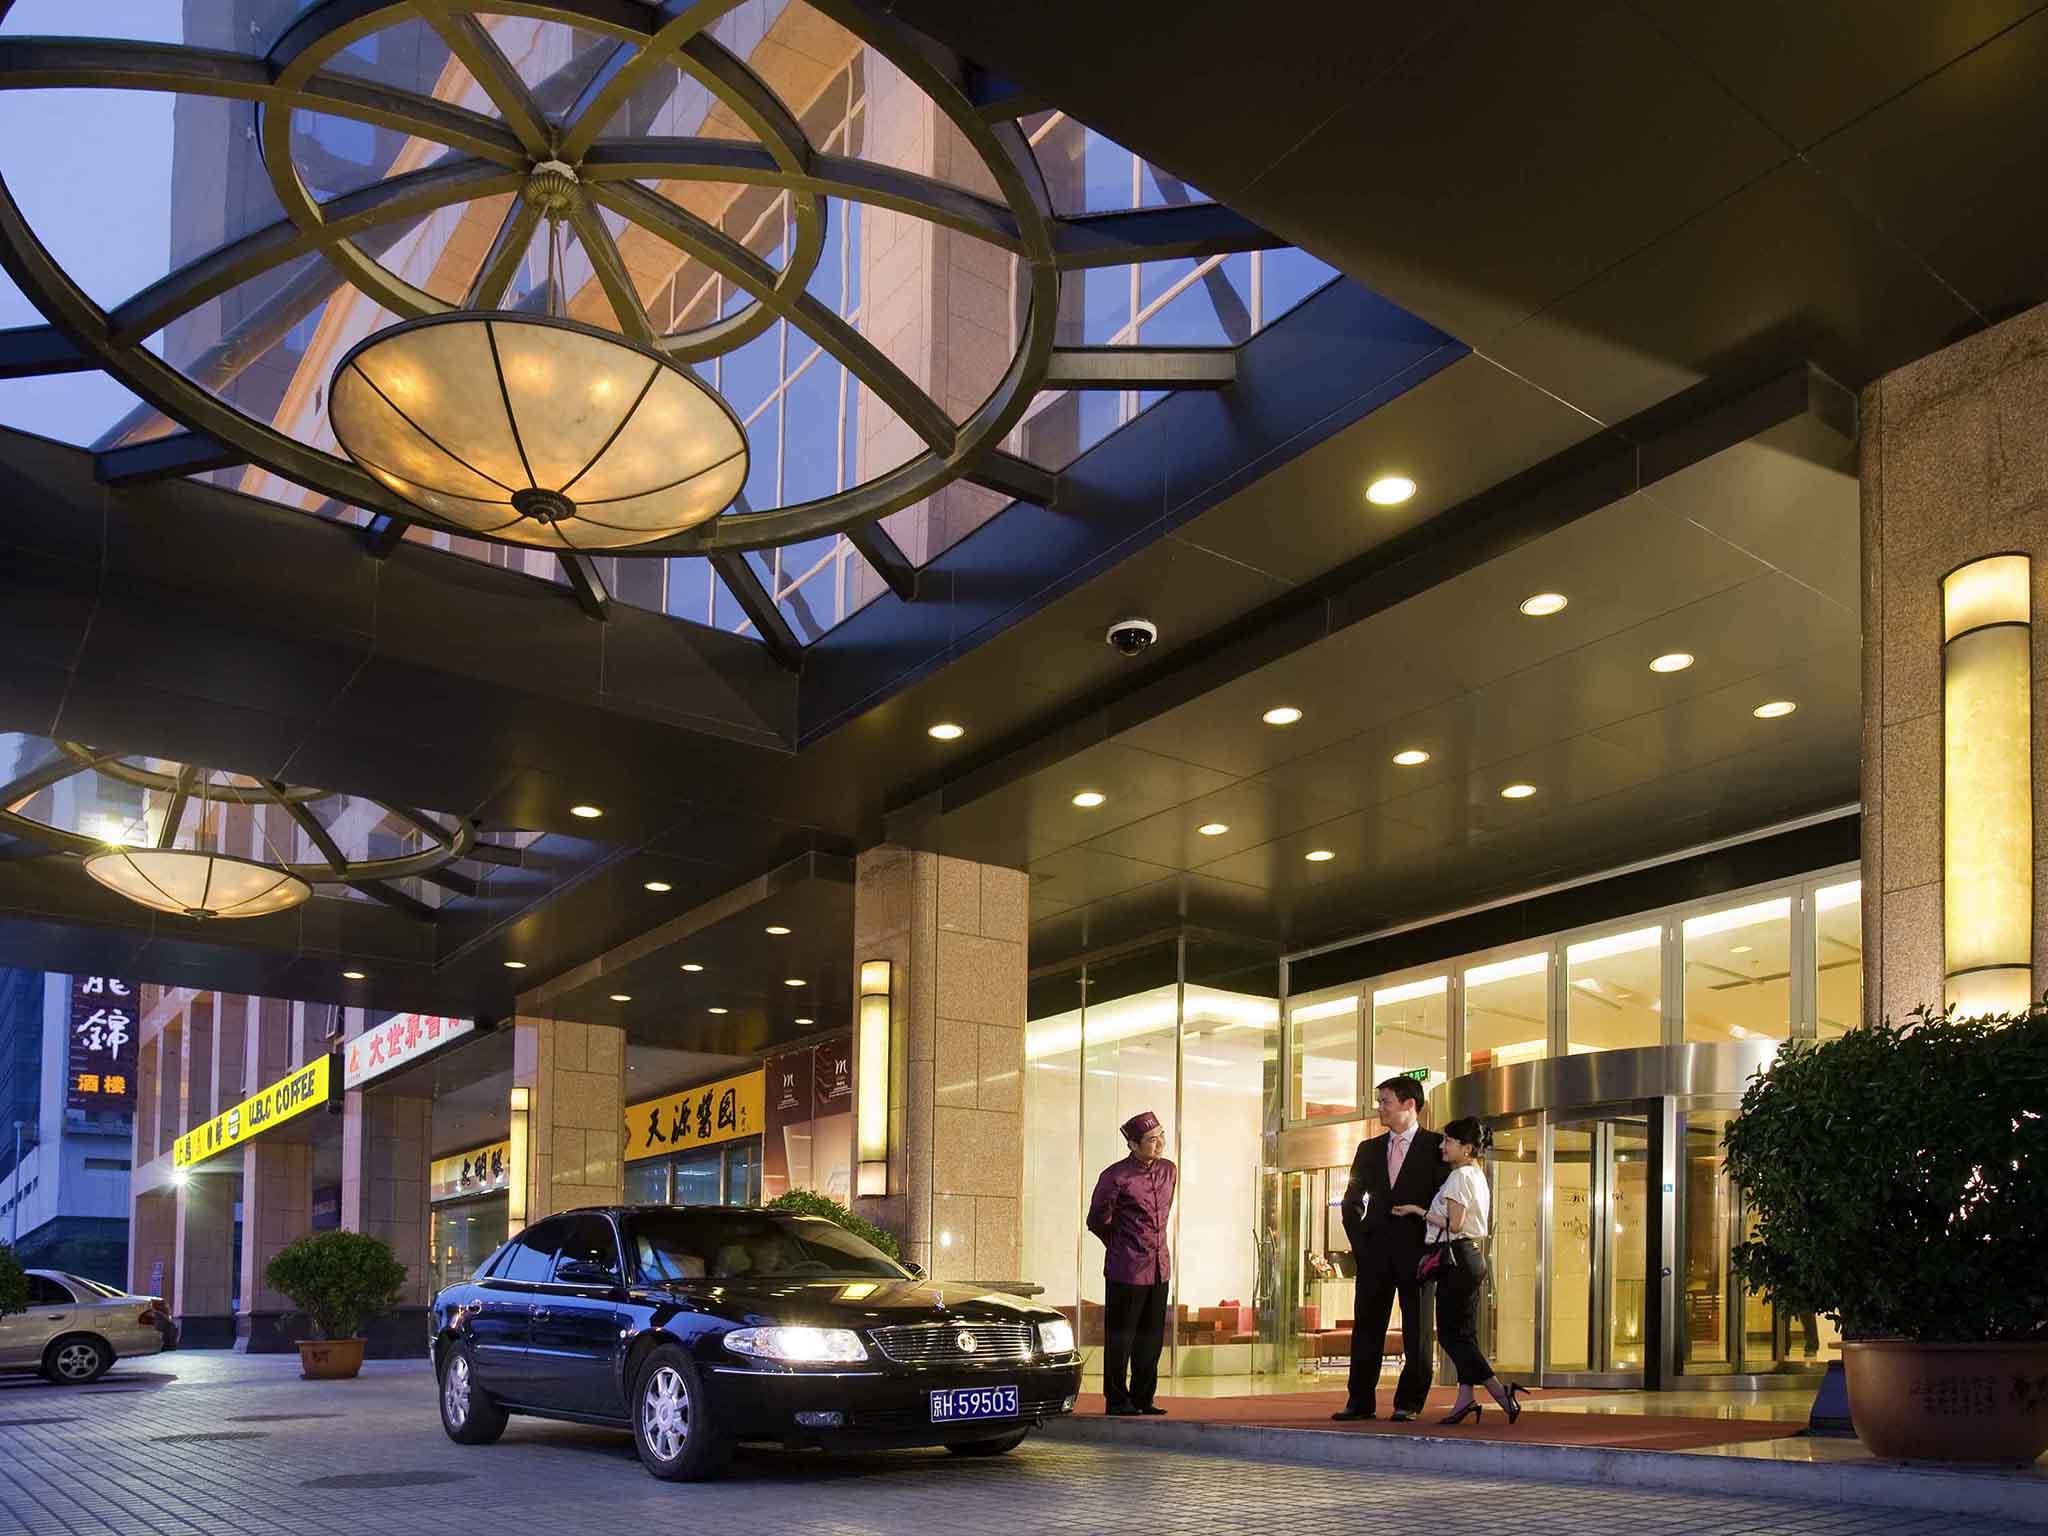 ホテル – グランドメルキュール北京セントラル